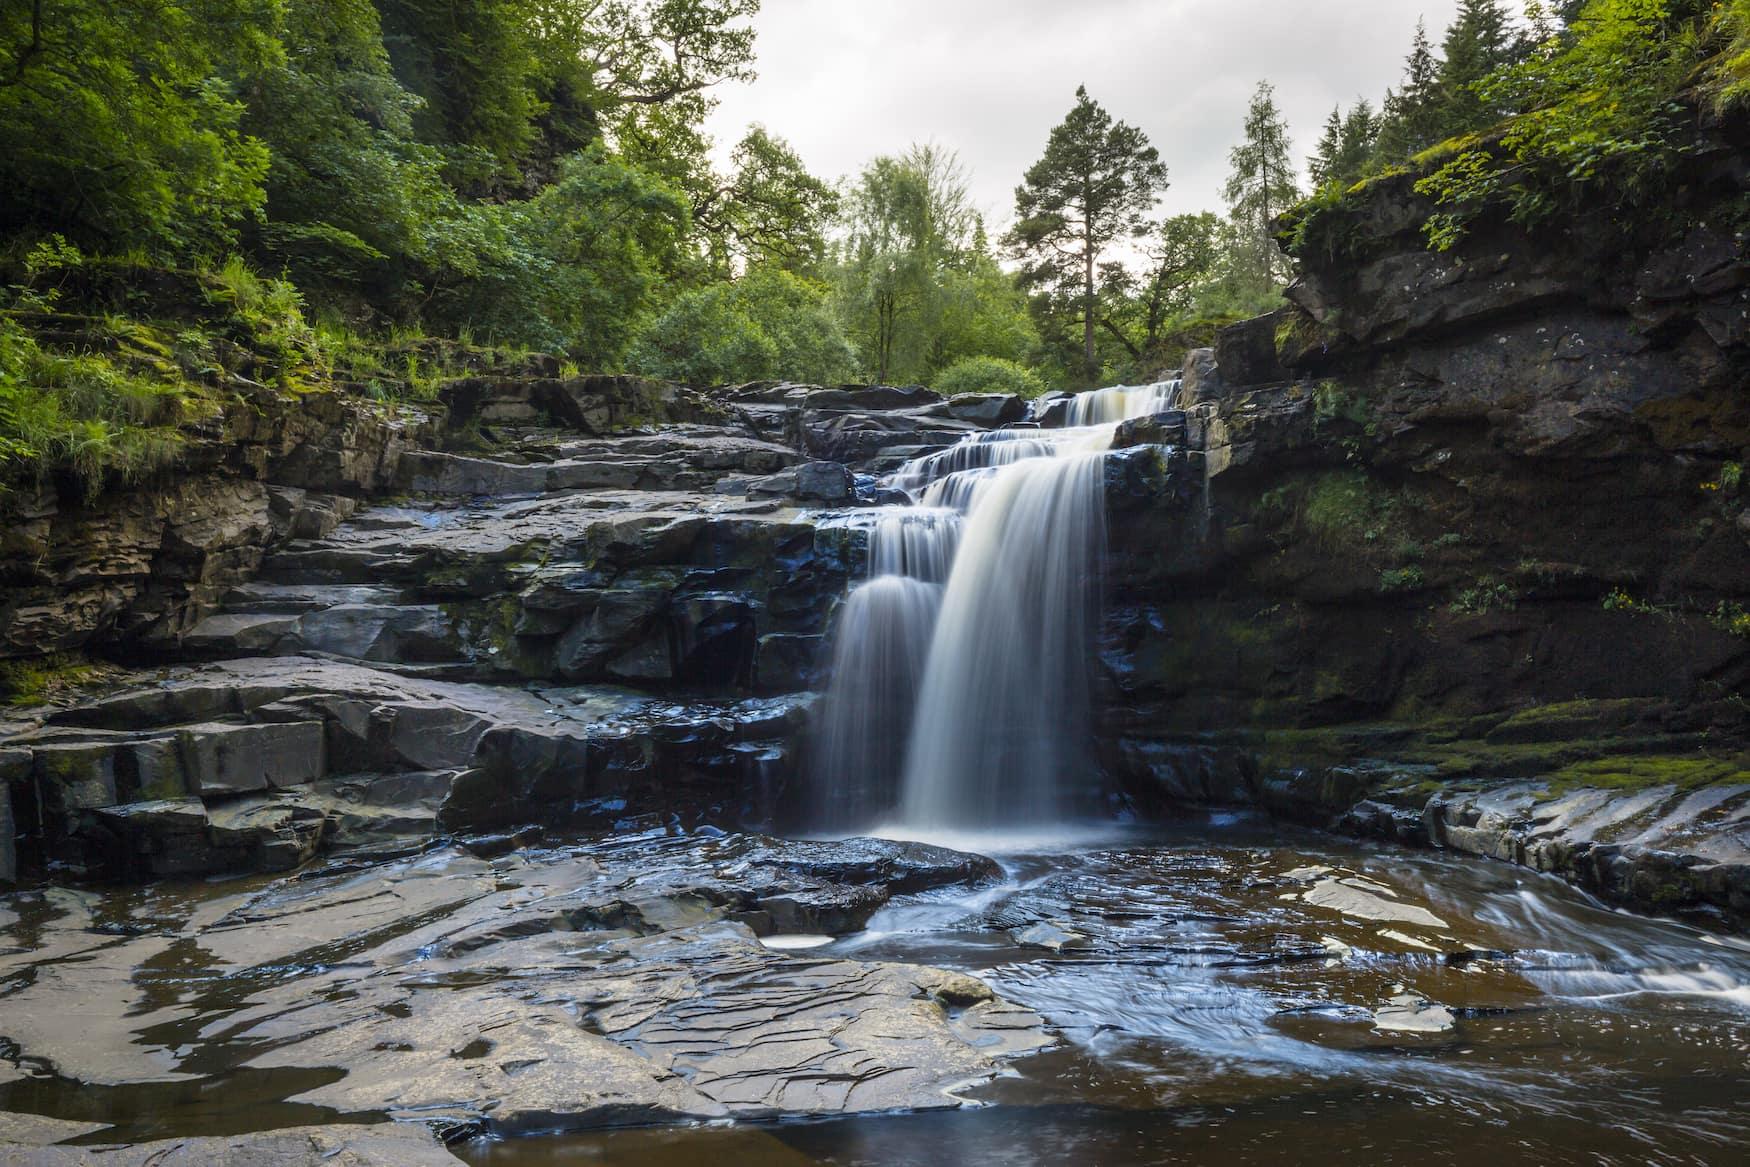 Falls of Clyde Wasserfall in Schottland